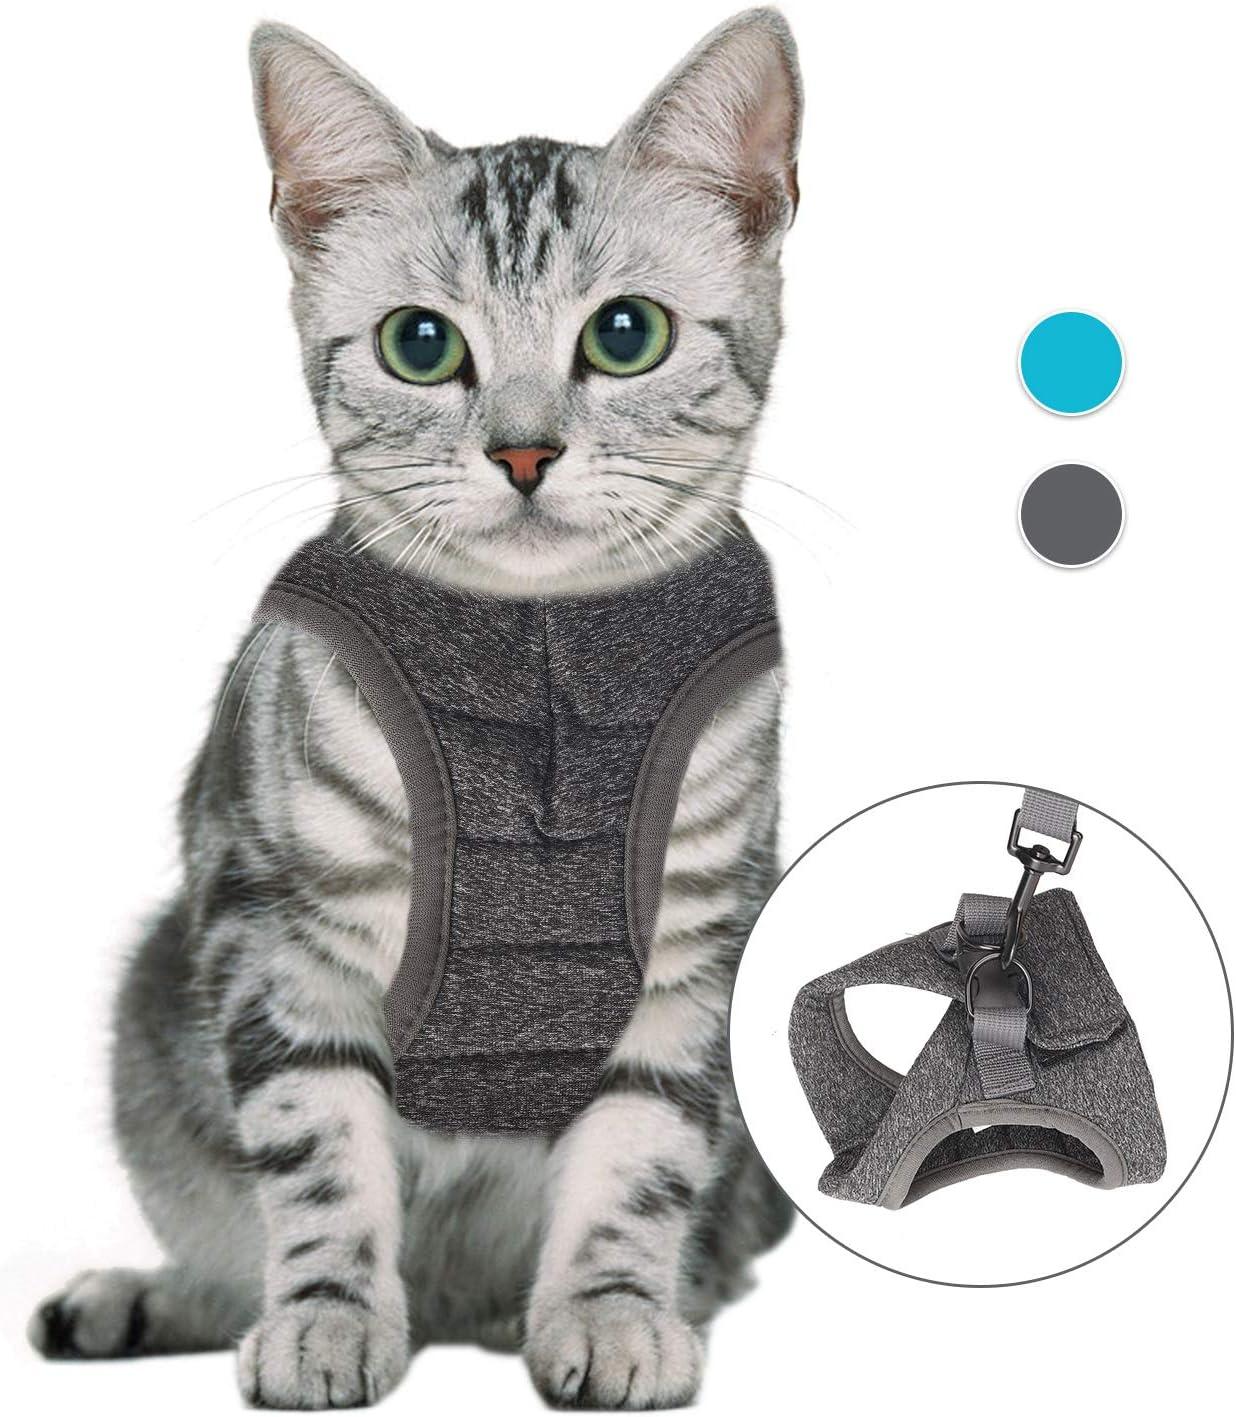 imbracatura leggera per cuccioli di gatto set di cinture e cinture per camminare blu, S in materiale elastico e traspirante Pettorine per gatti regolabili per esterni